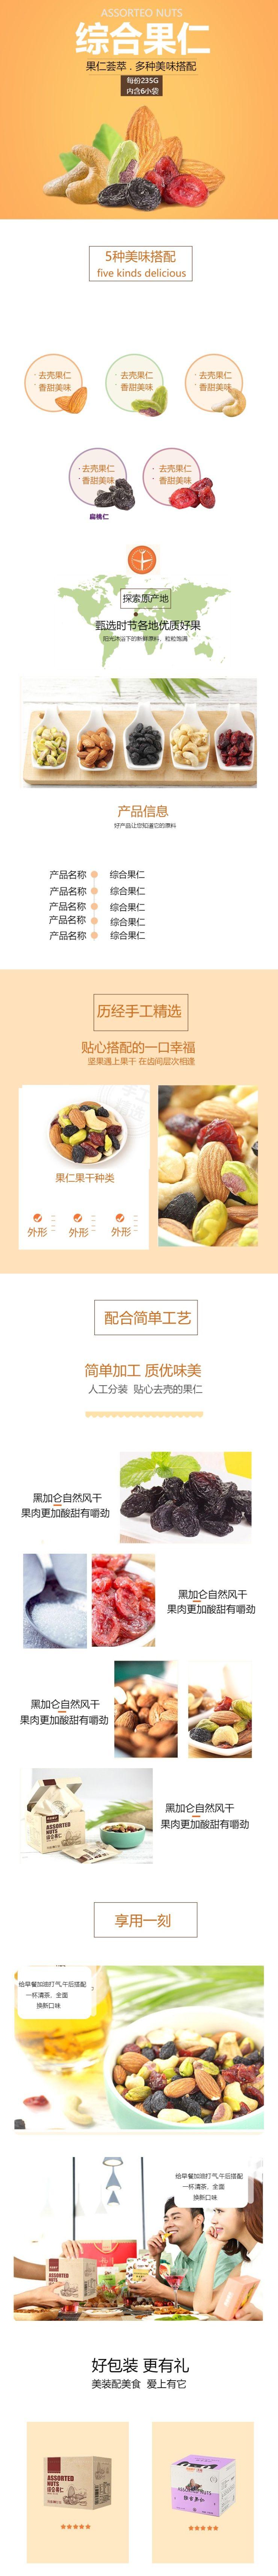 清新简约百货零售美食零食坚果综合果仁促销电商详情页